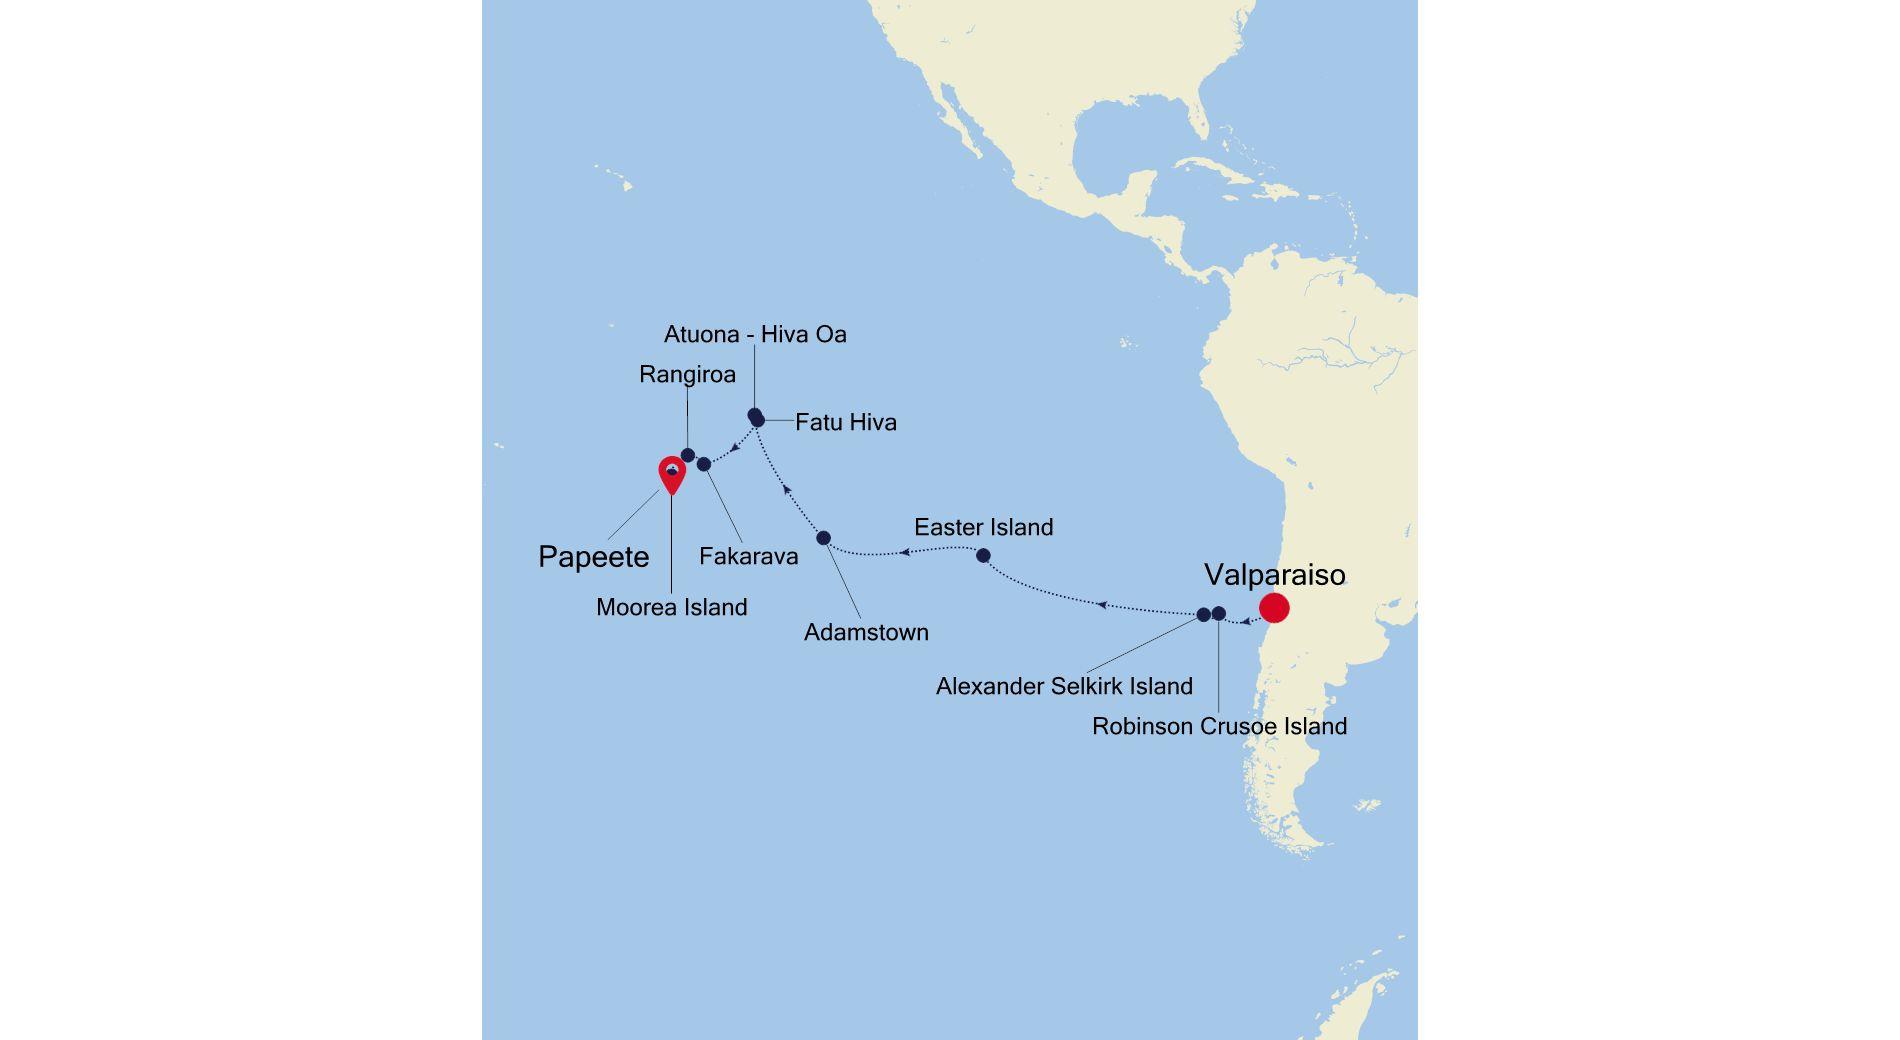 E4210217022 - Valparaiso to Papeete